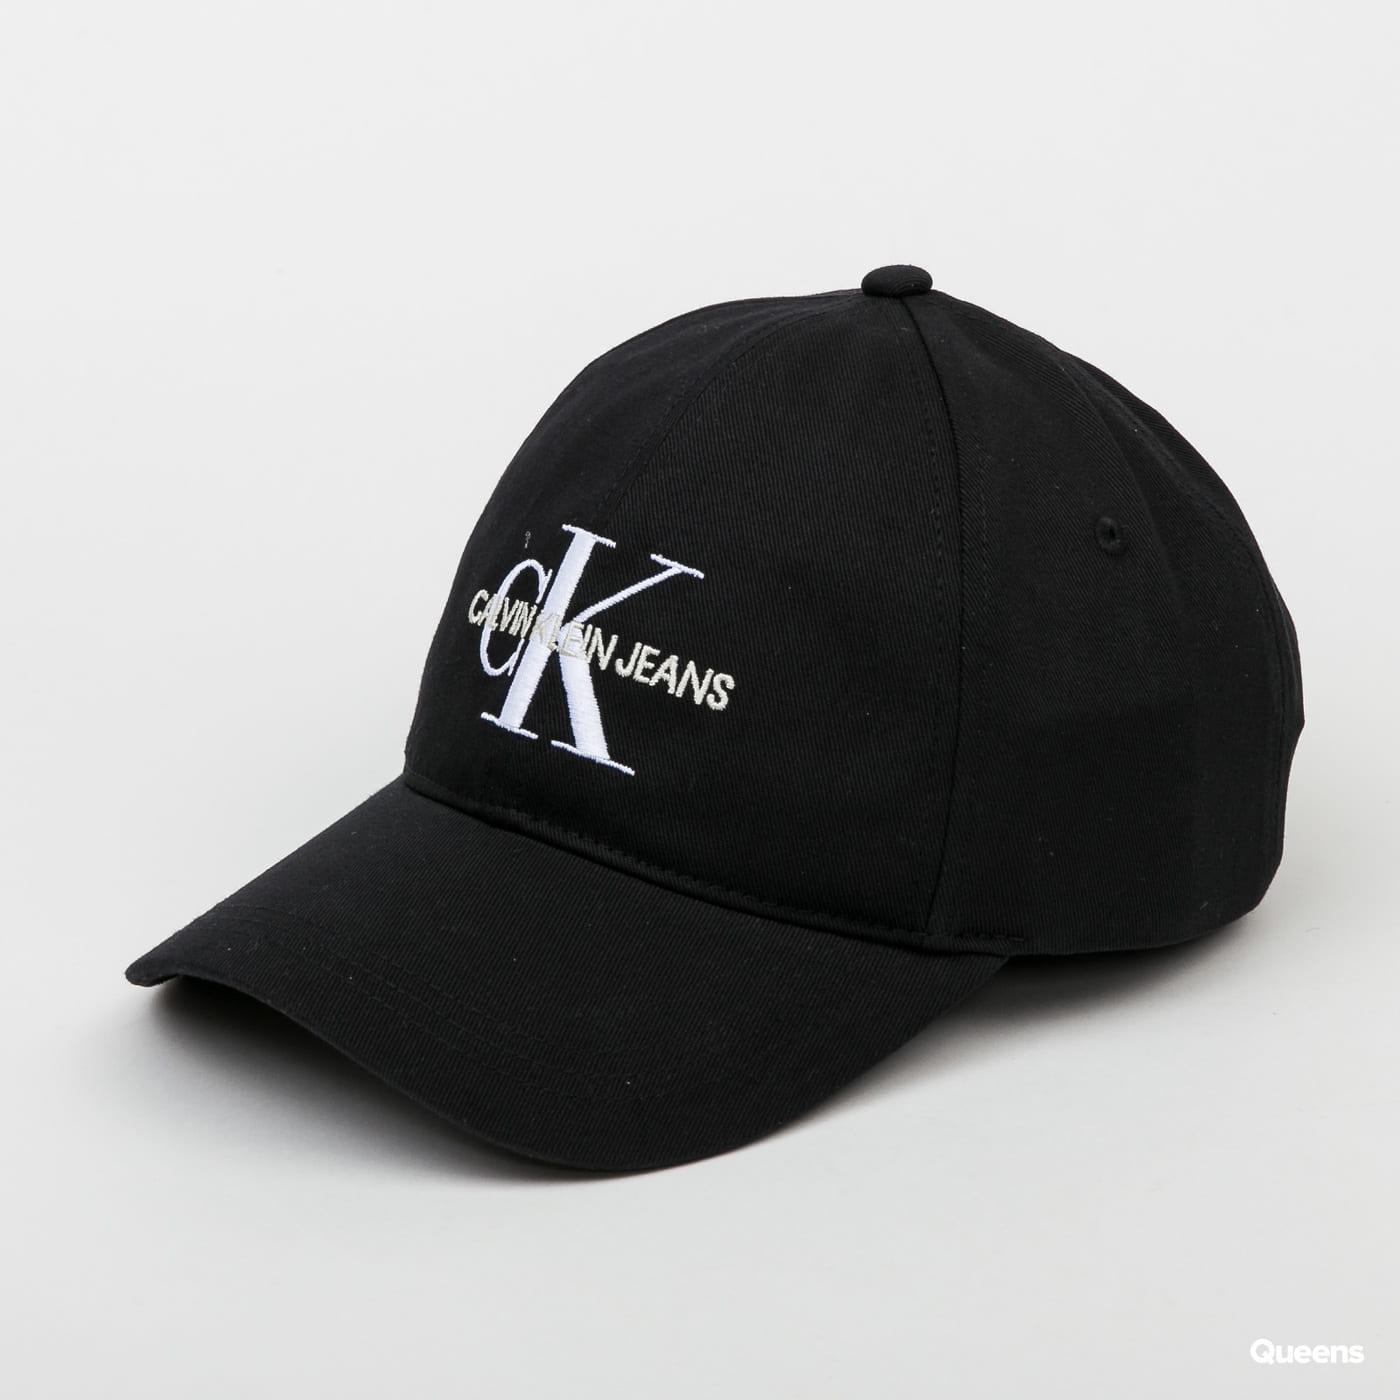 CALVIN KLEIN JEANS Monogram Cap black